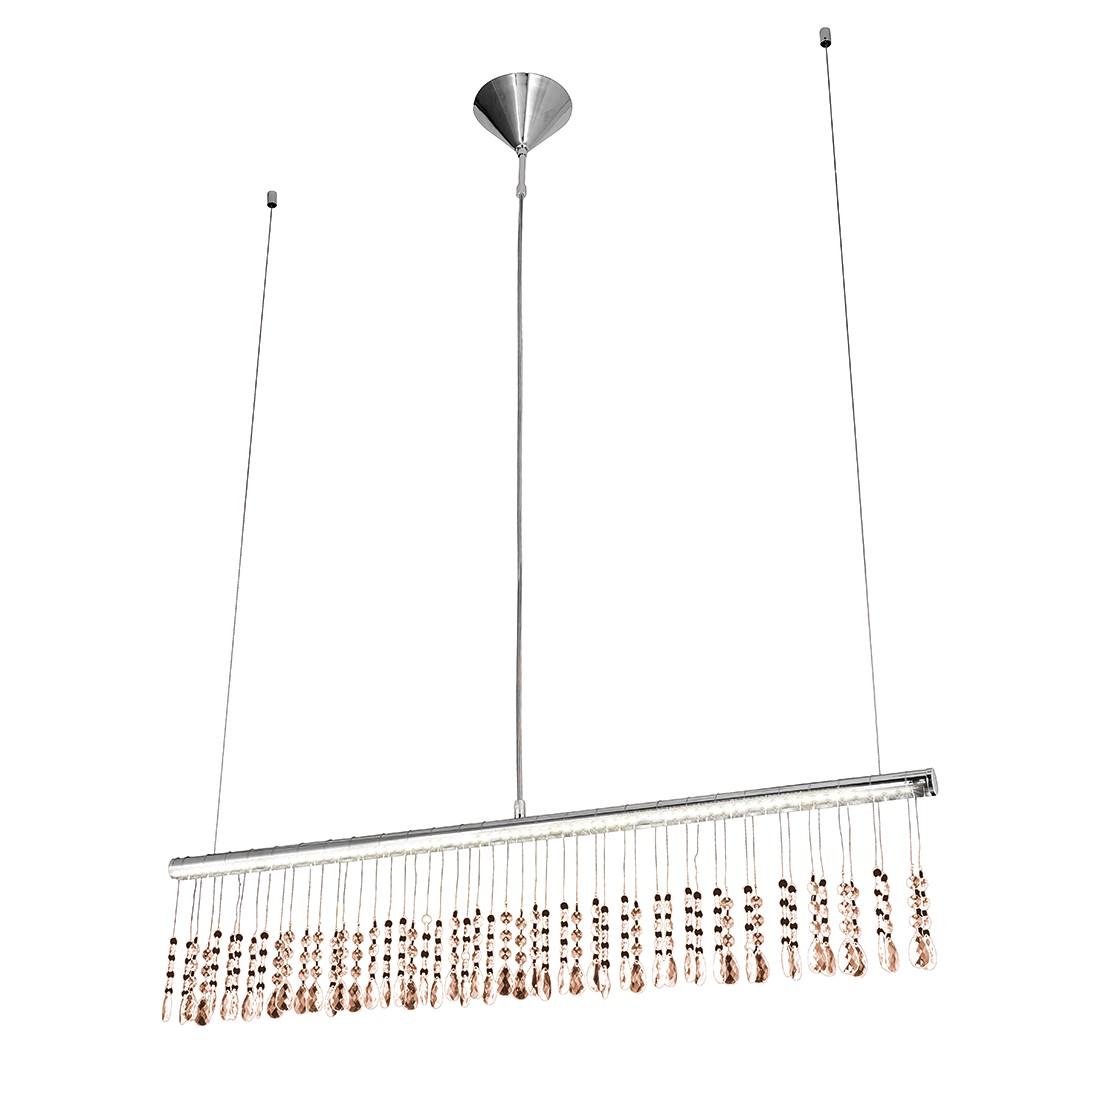 LED-Pendelleuchte Ida Led by Leuchten Direkt ● Eisen ● Silber- Leuchten Direkt A+